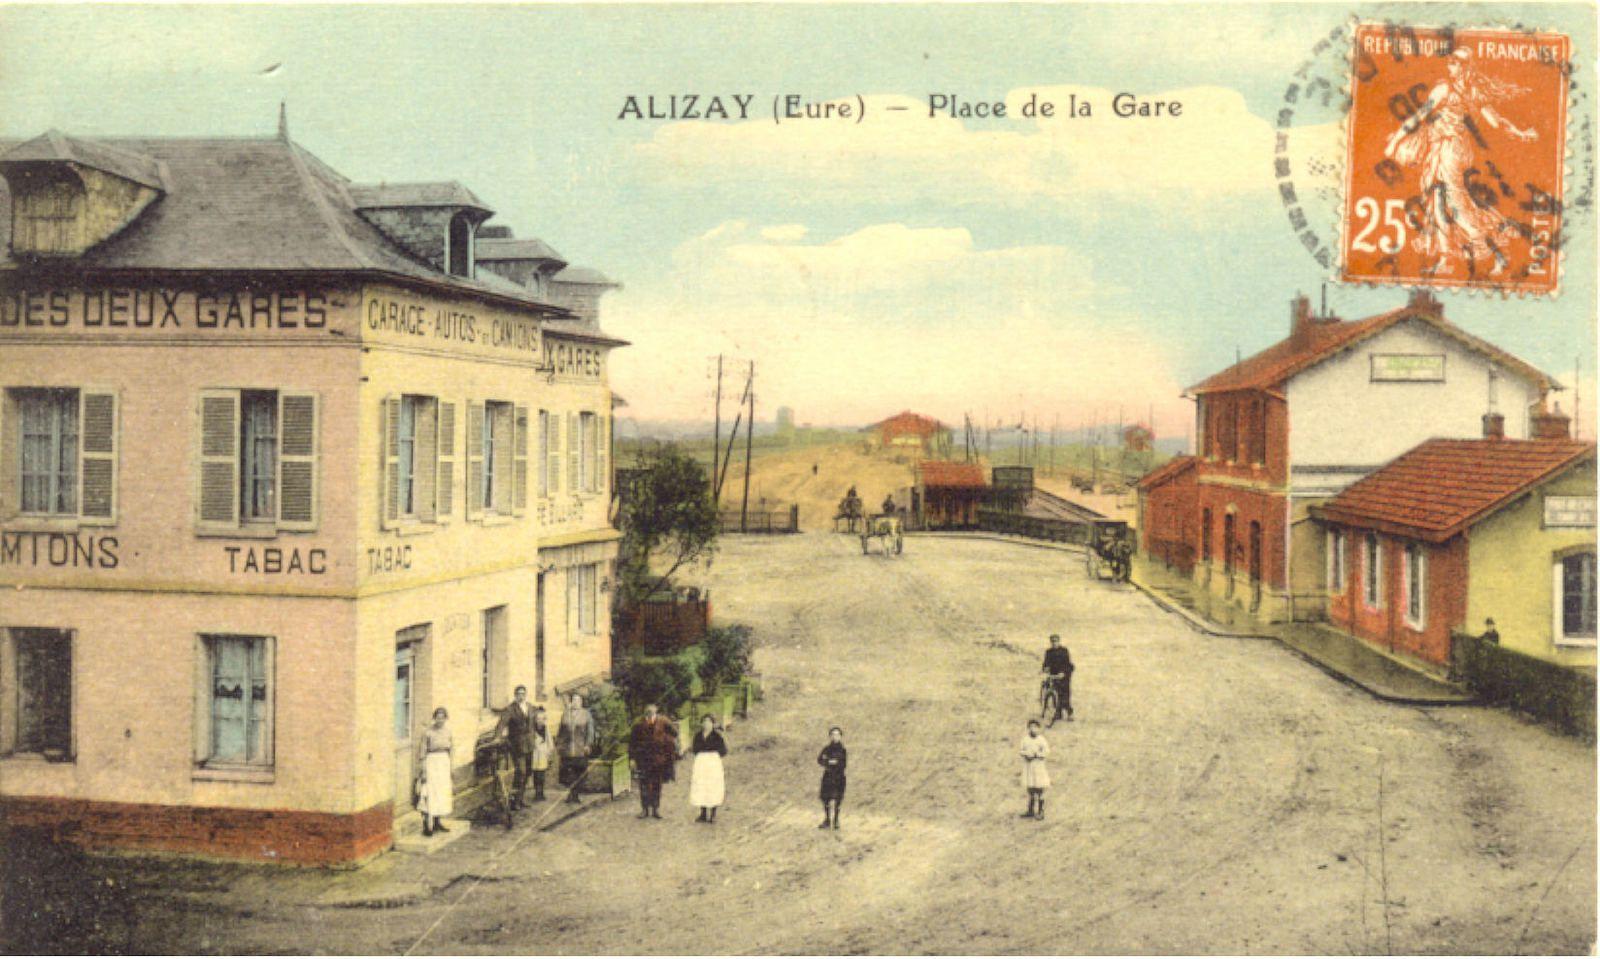 Série de cartes postales illustrées des années 1910 et une des années 1960 sur l'hôtel des Deux gares.